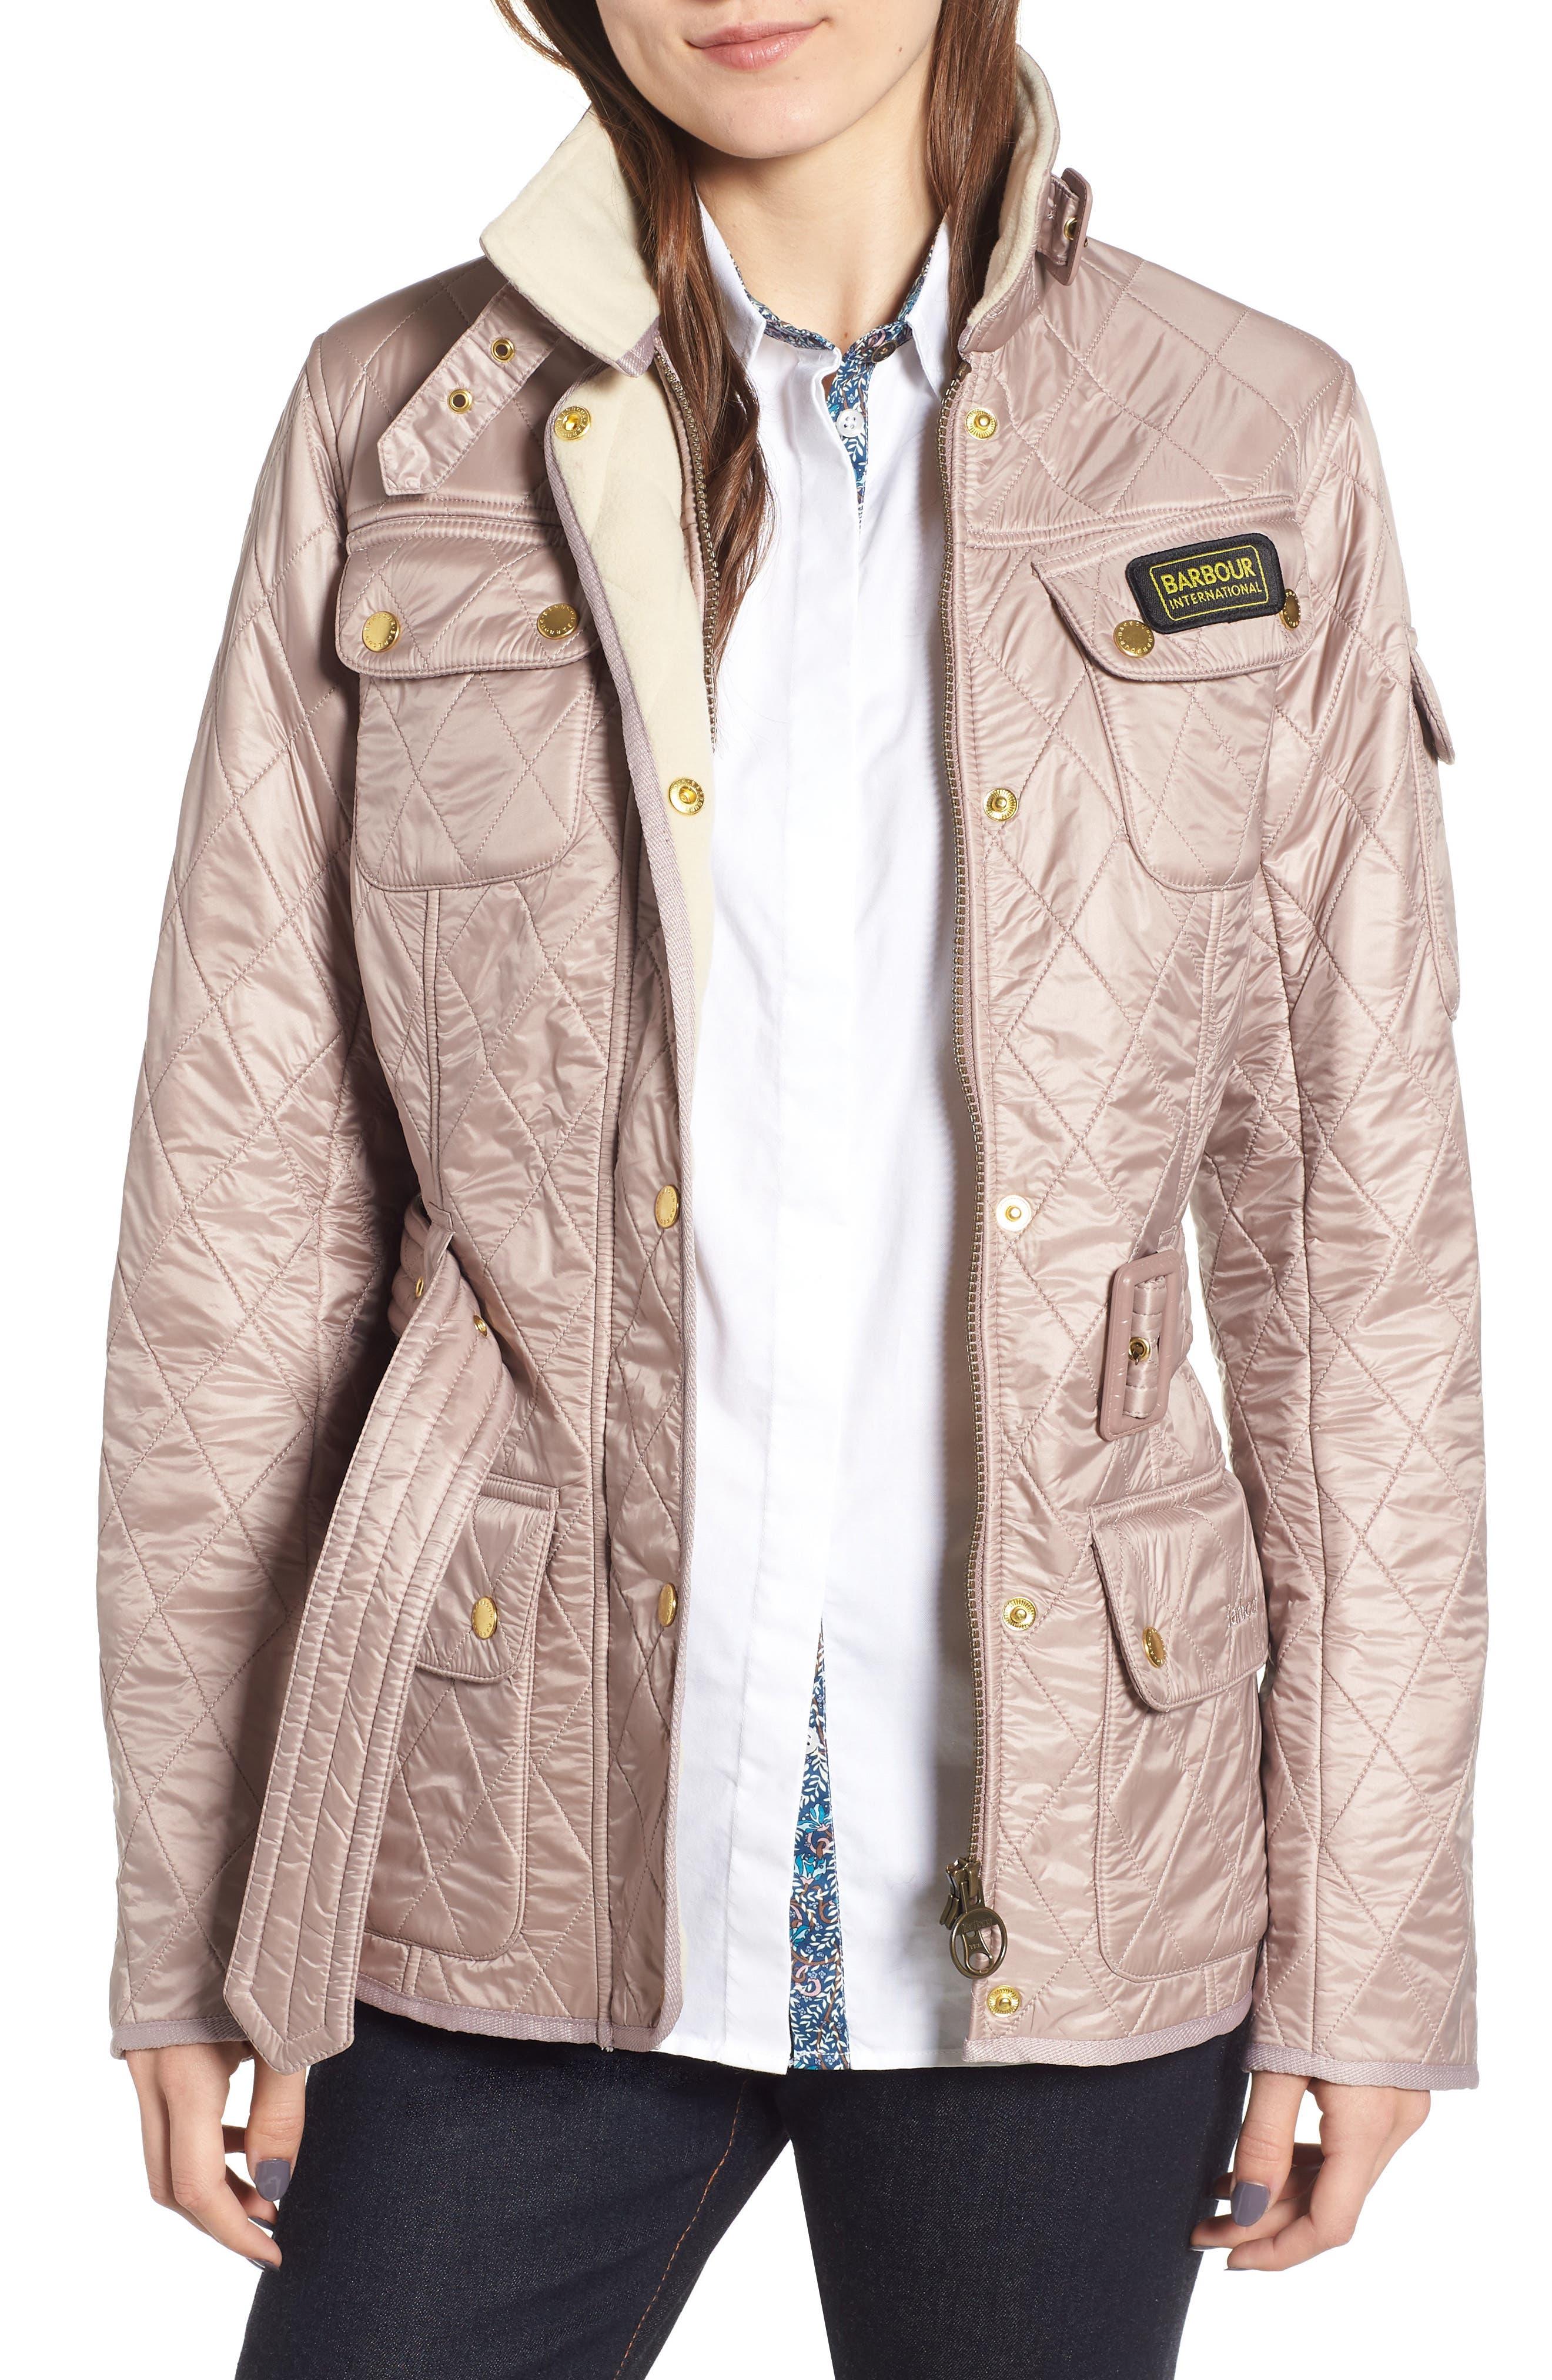 Barbour International Polar Quilted Jacket, US / 12 UK - Beige